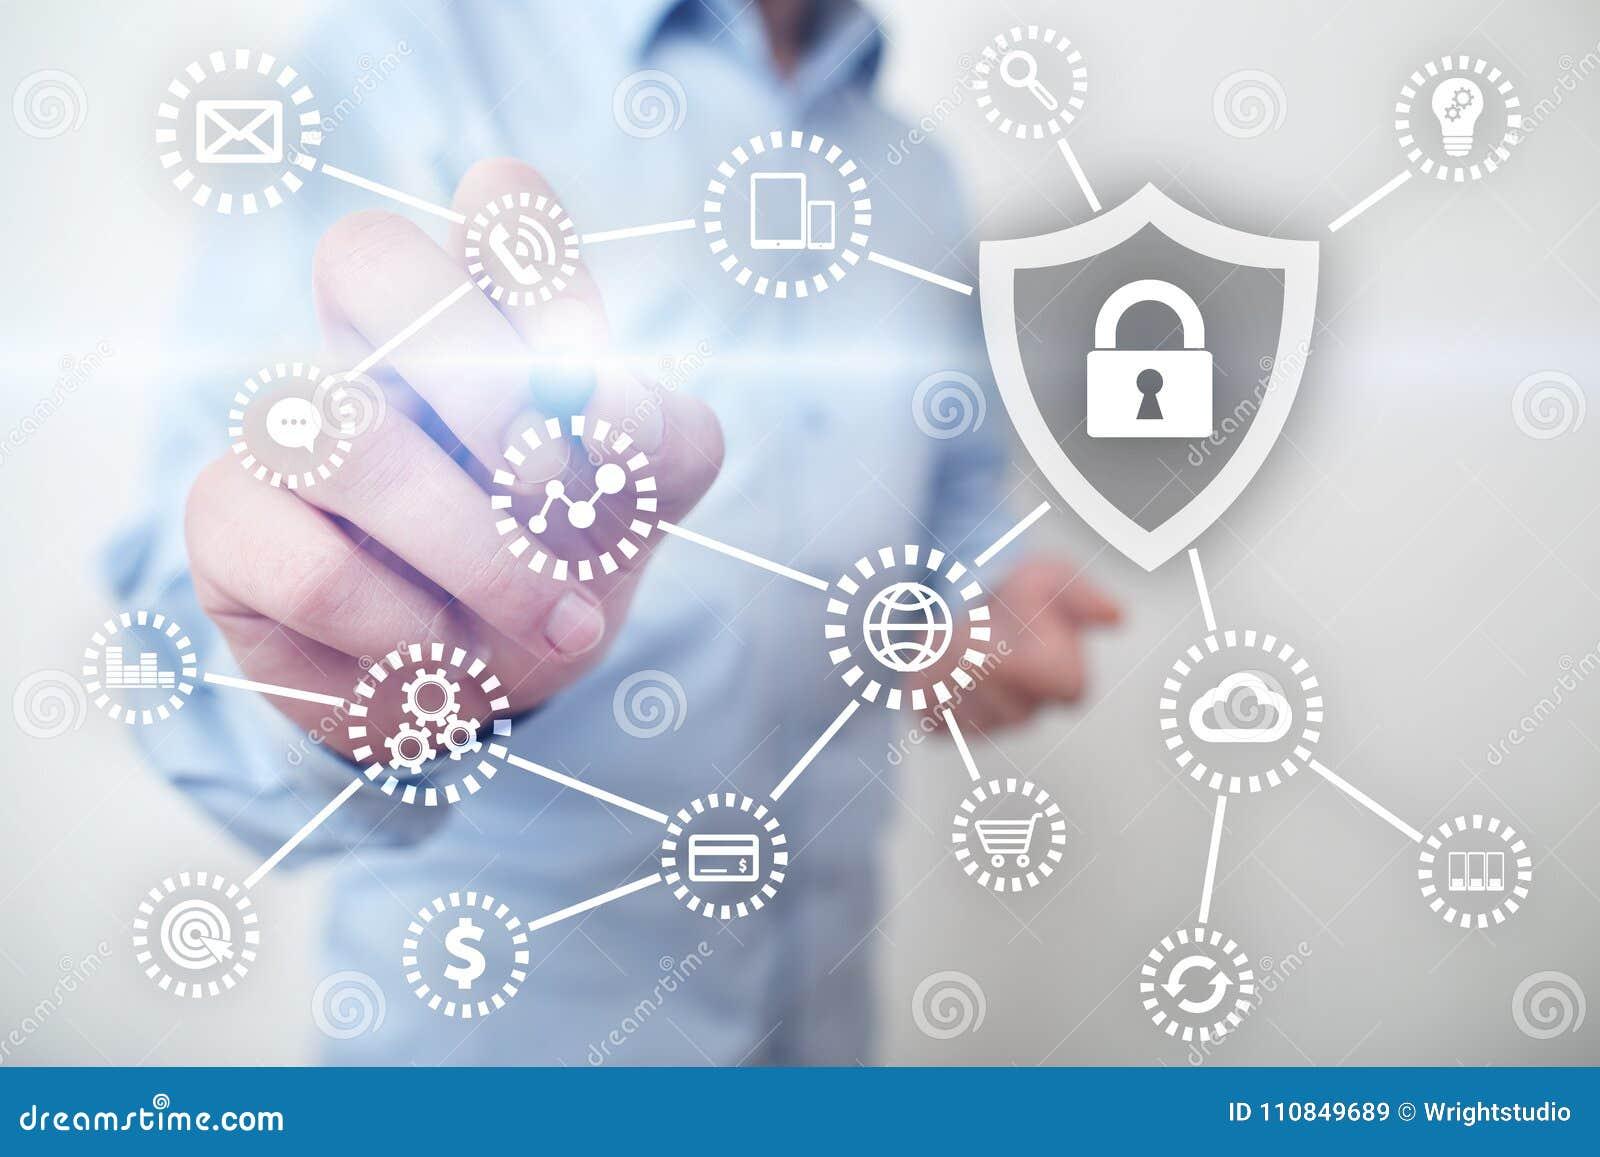 Internetsicherheits-, Datenschutz, Informationssicherheit und Verschlüsselung Internet-Technologie und Geschäftskonzept